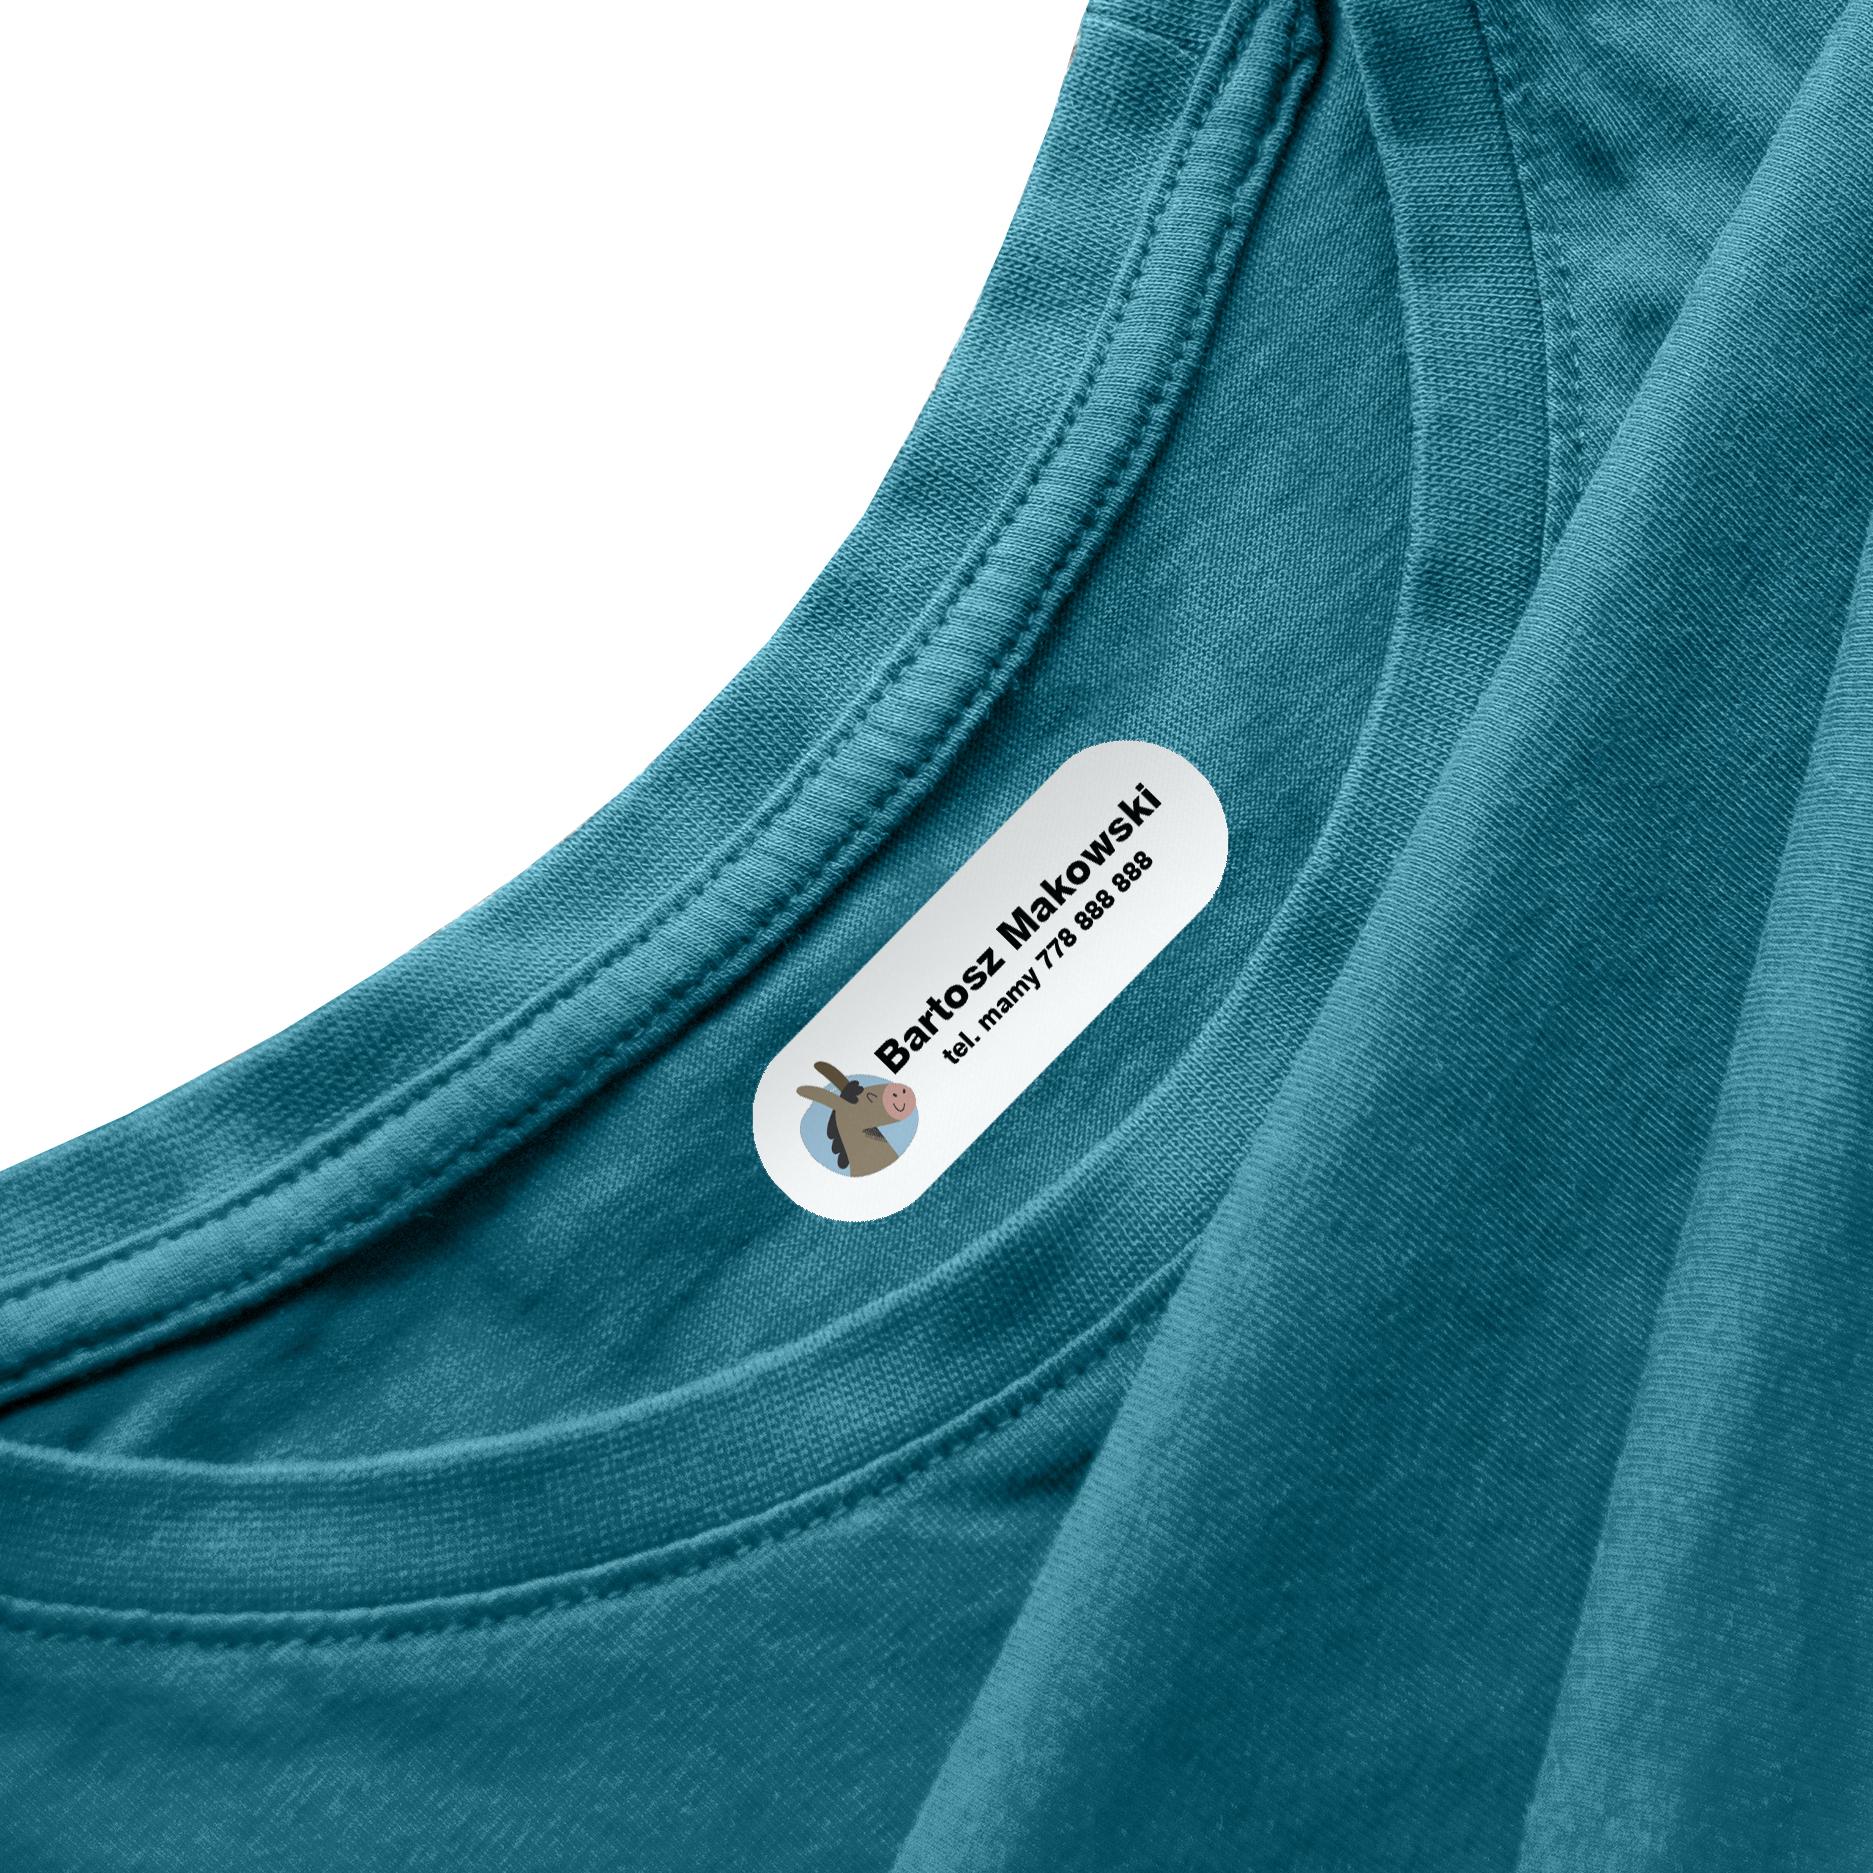 Naprasowanki na ubrania naprasowanka imienna metki dla dziecka osiołek